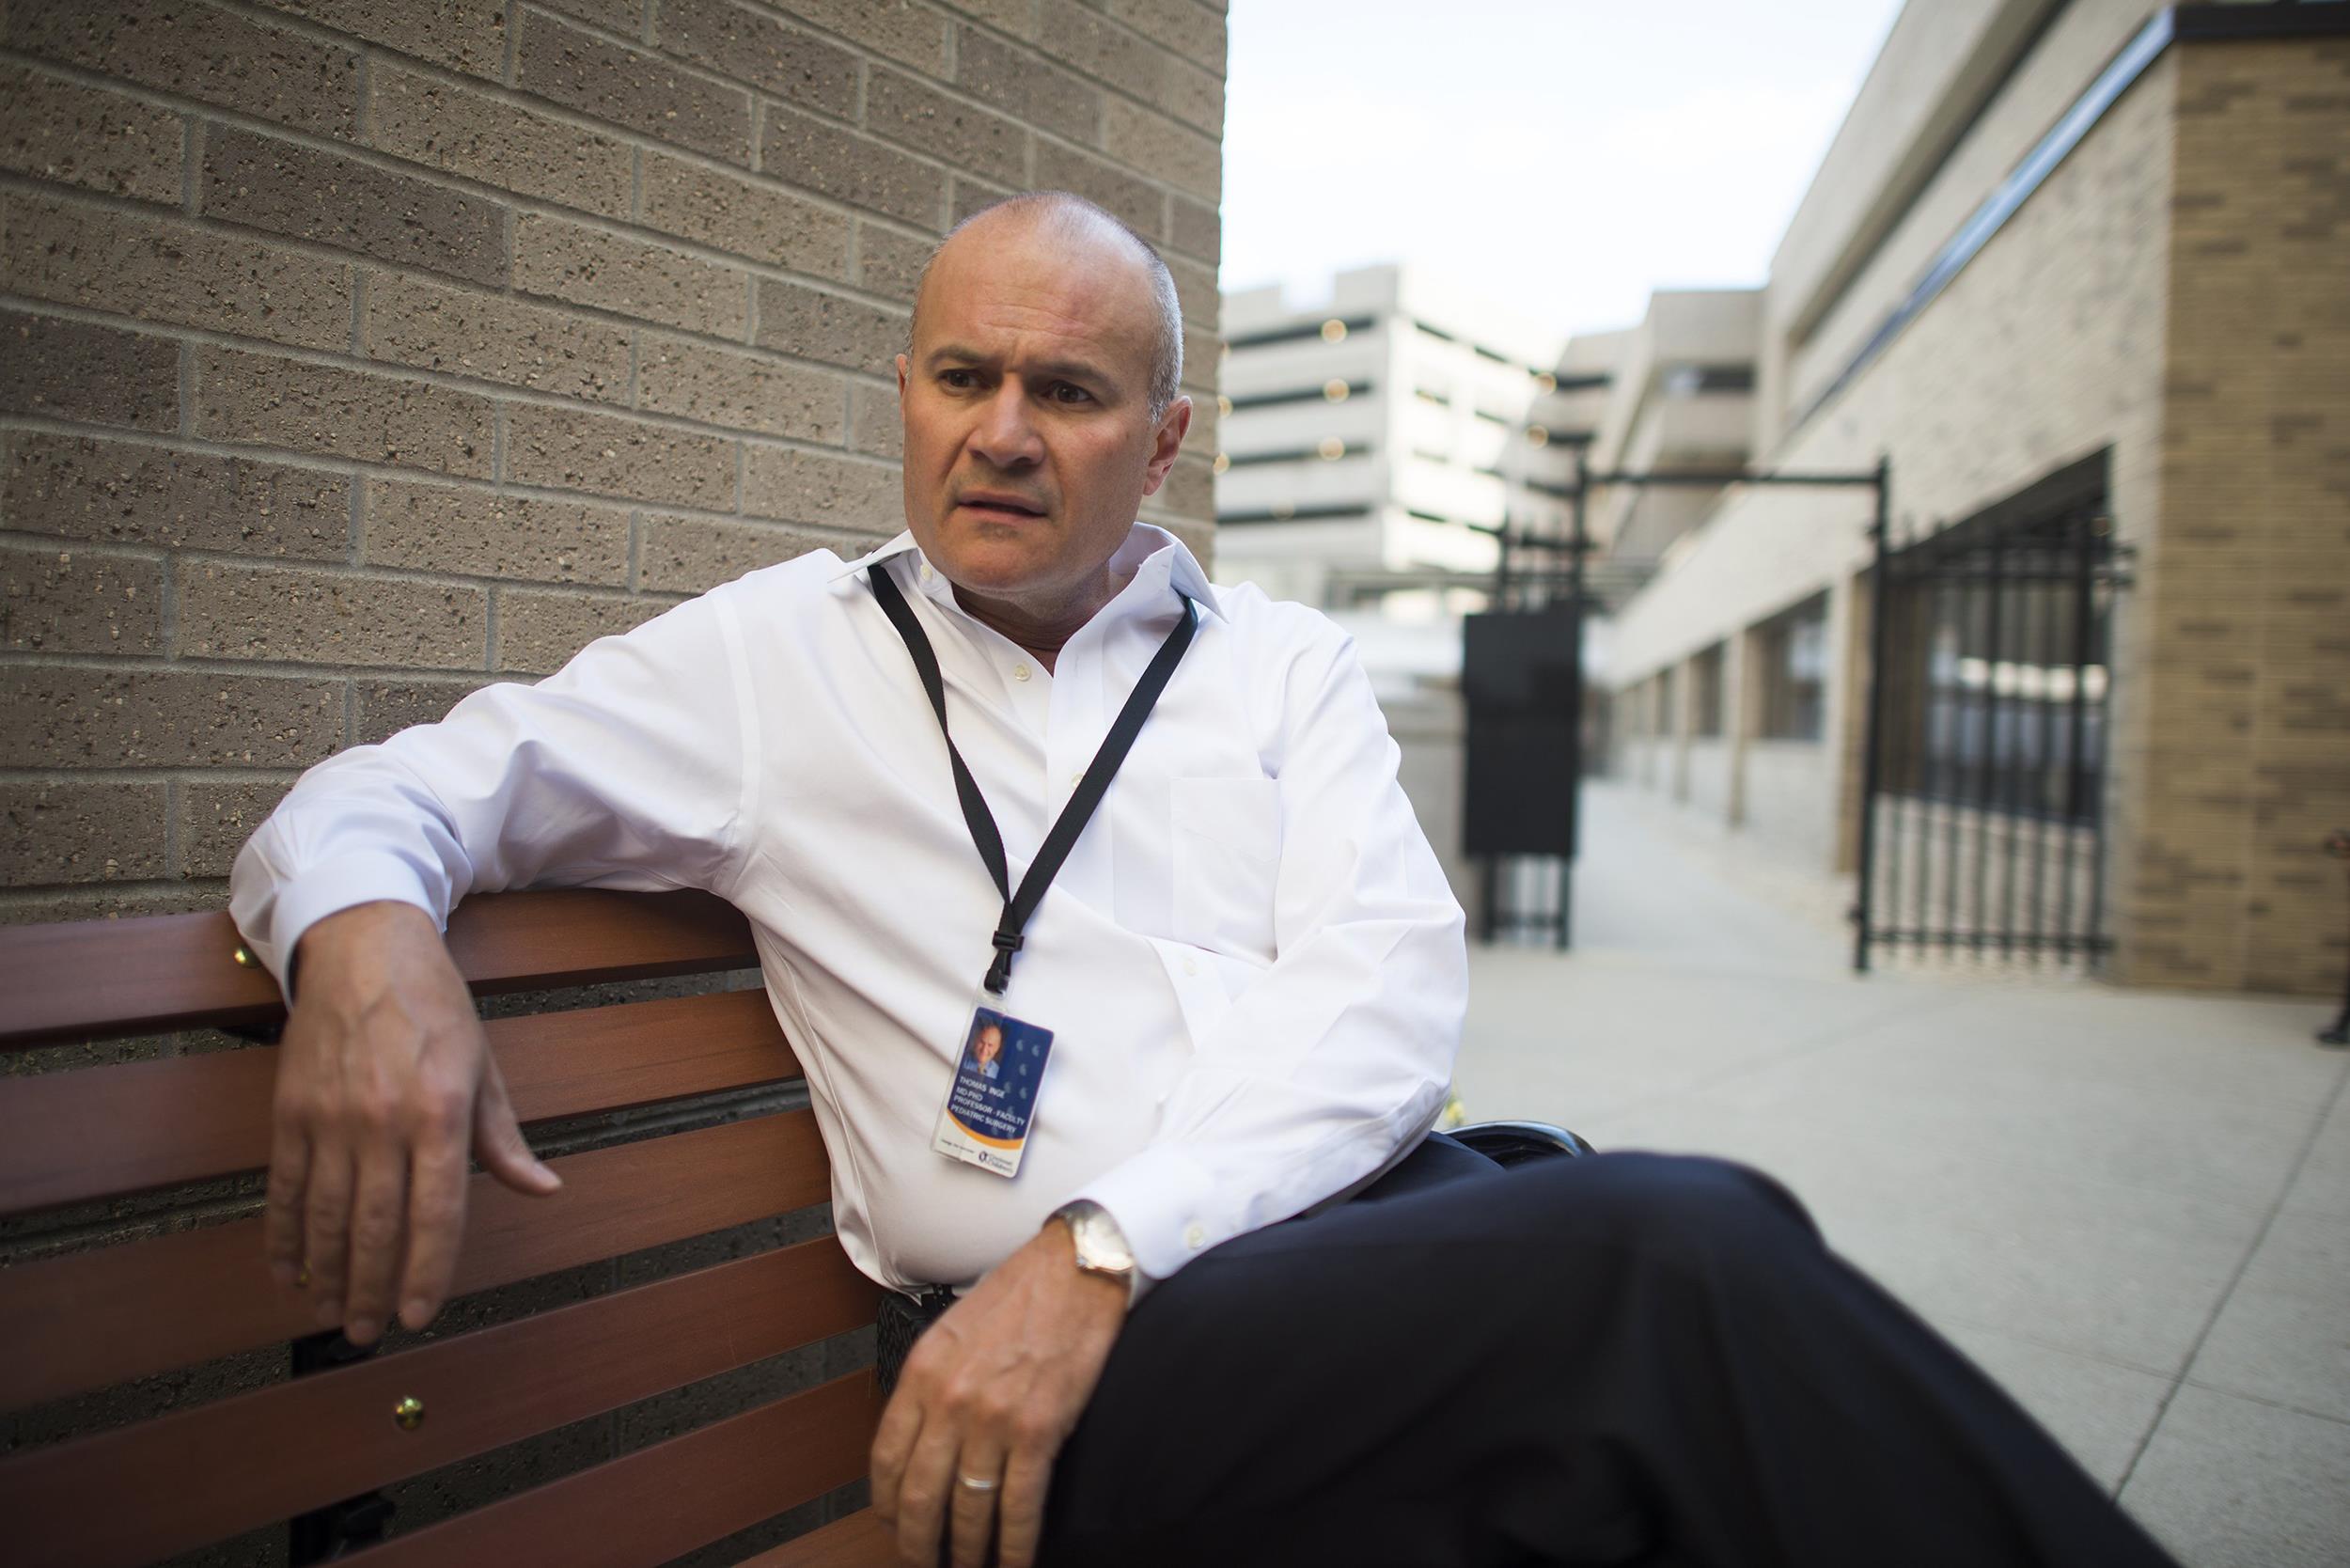 Image: Dr. Thomas Inge, the surgeon